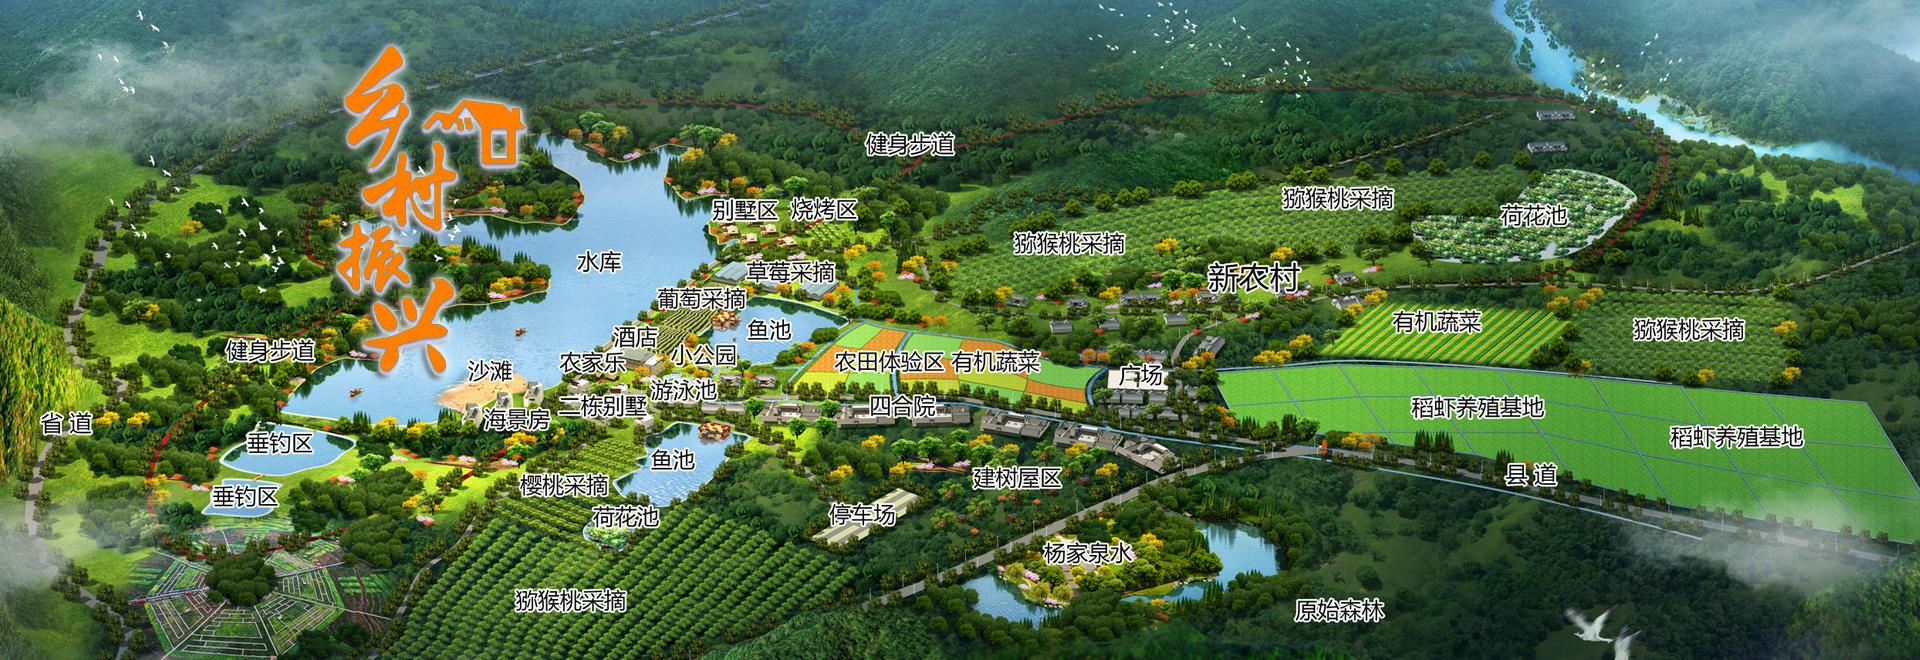 美丽乡村规划设计